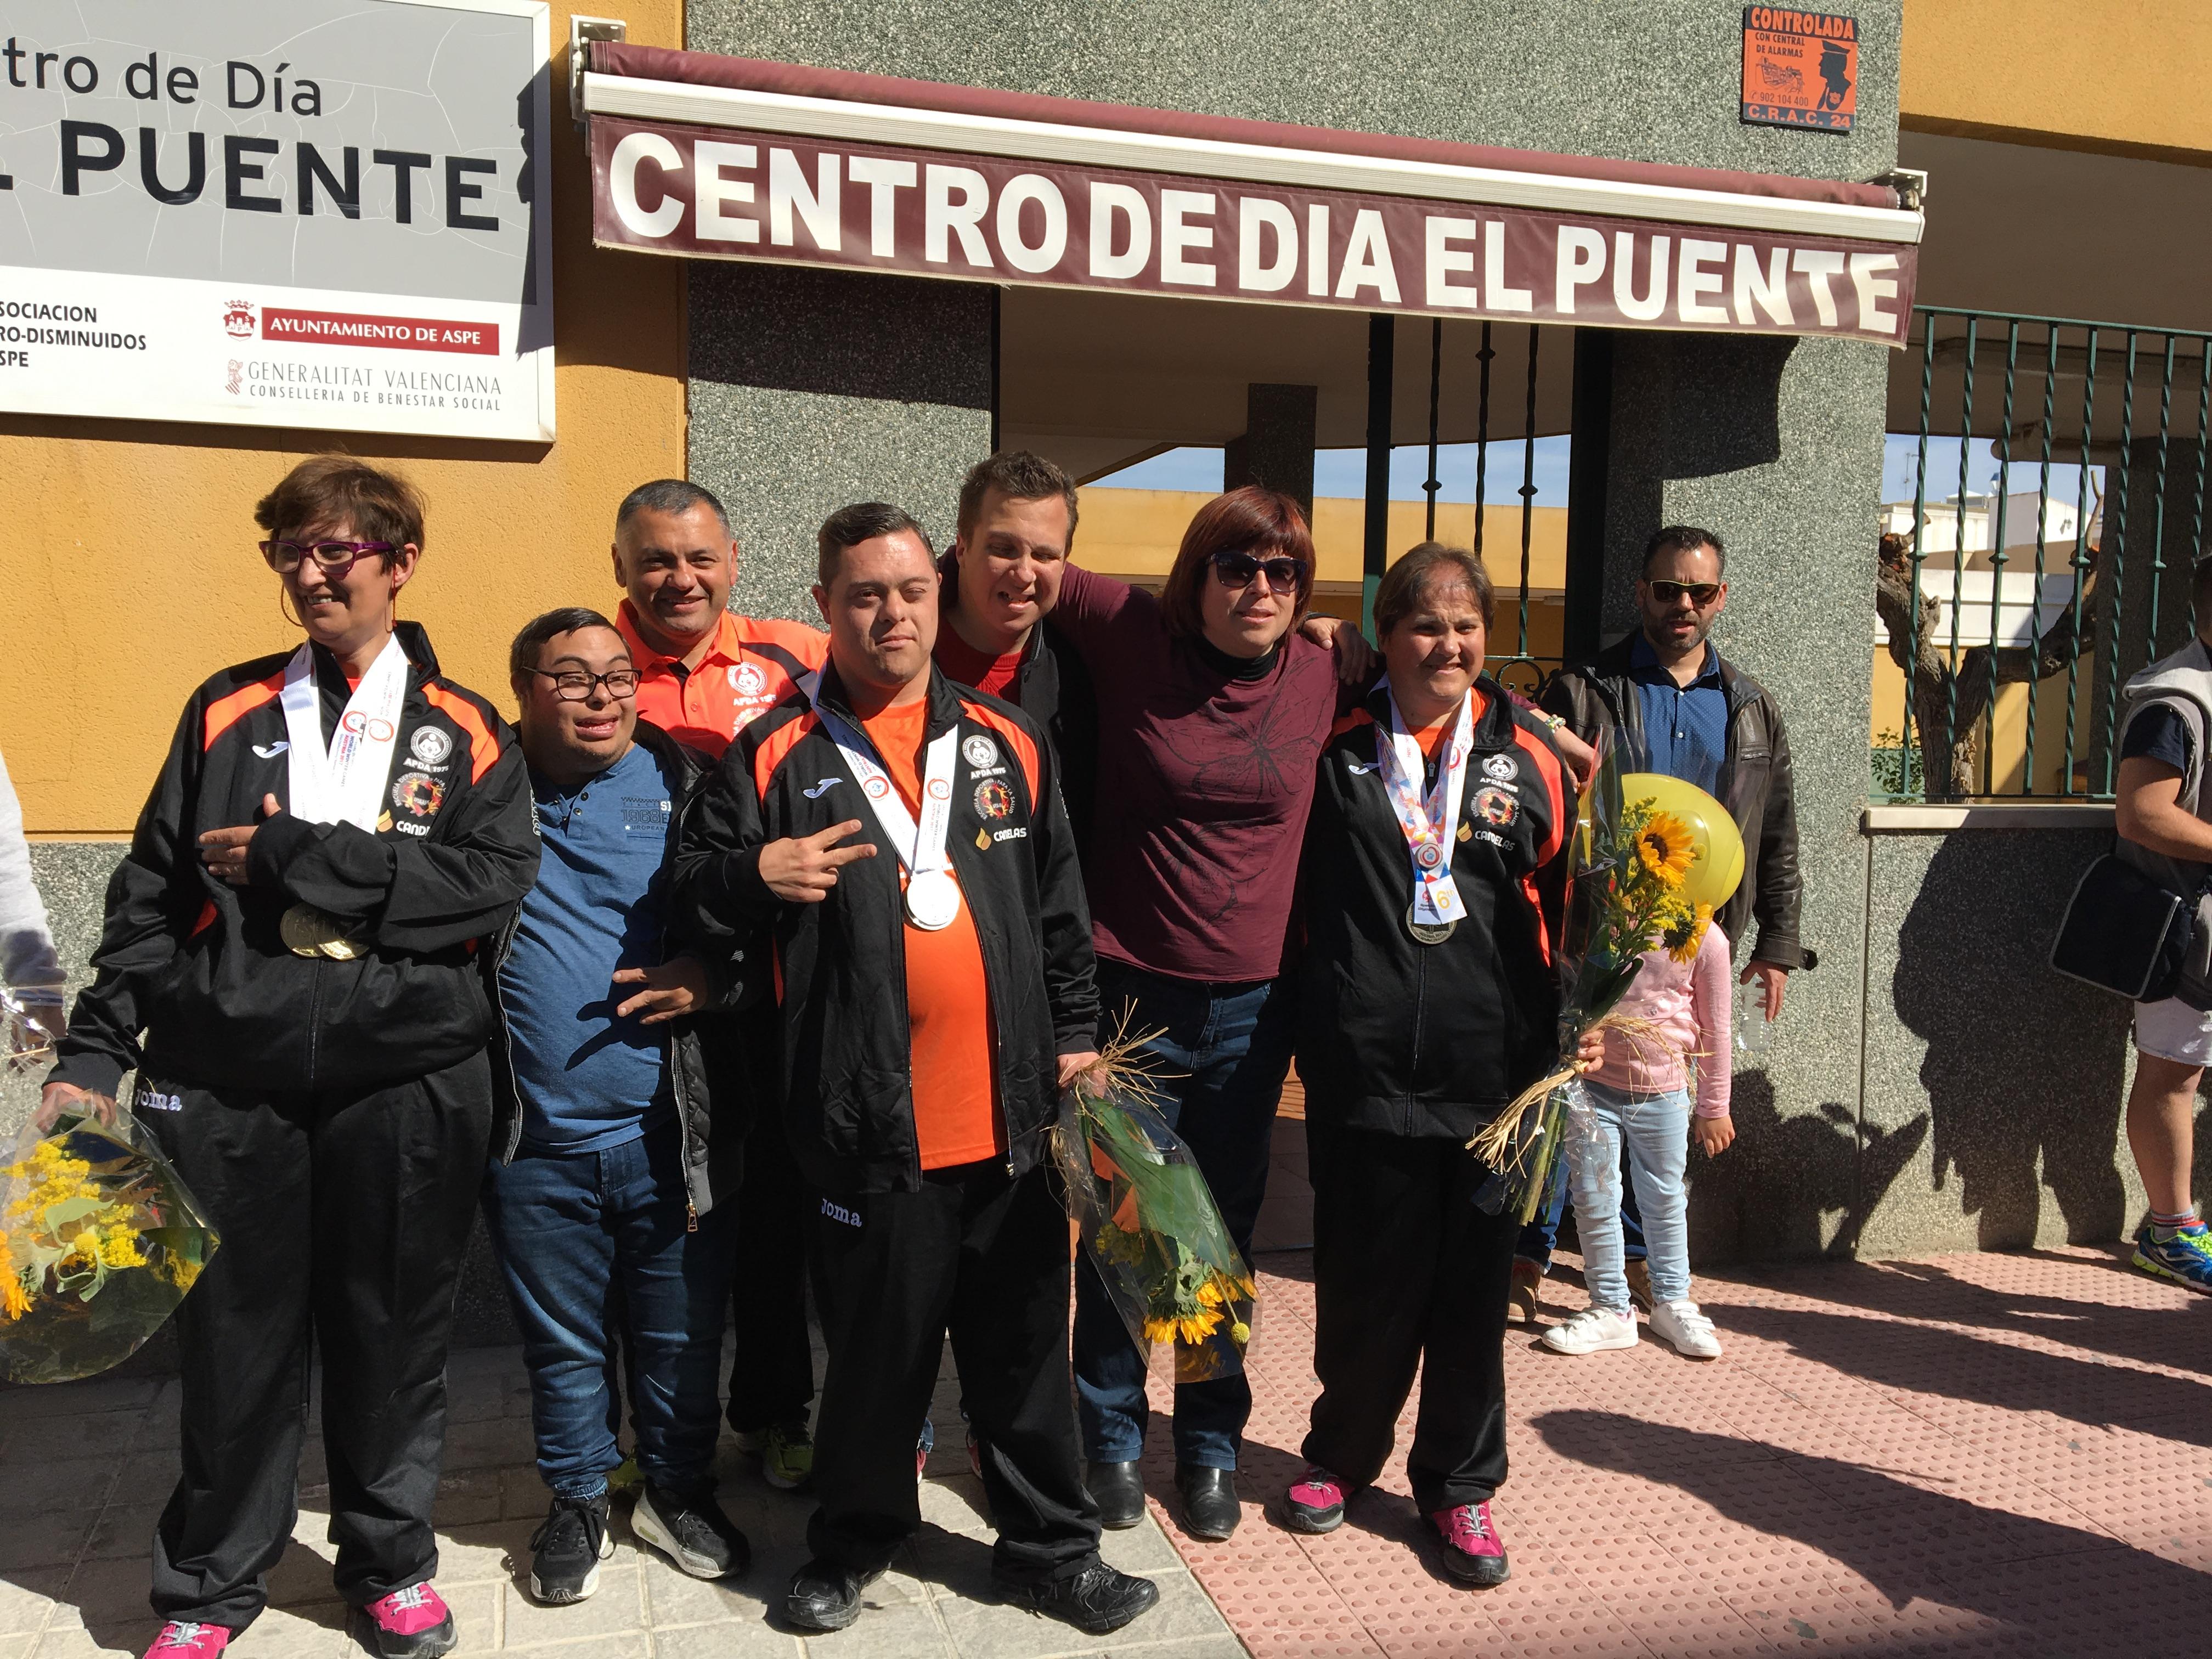 Photo of #Aspe: Special Olympics 2017 Llegada al Centro de Día El Puente